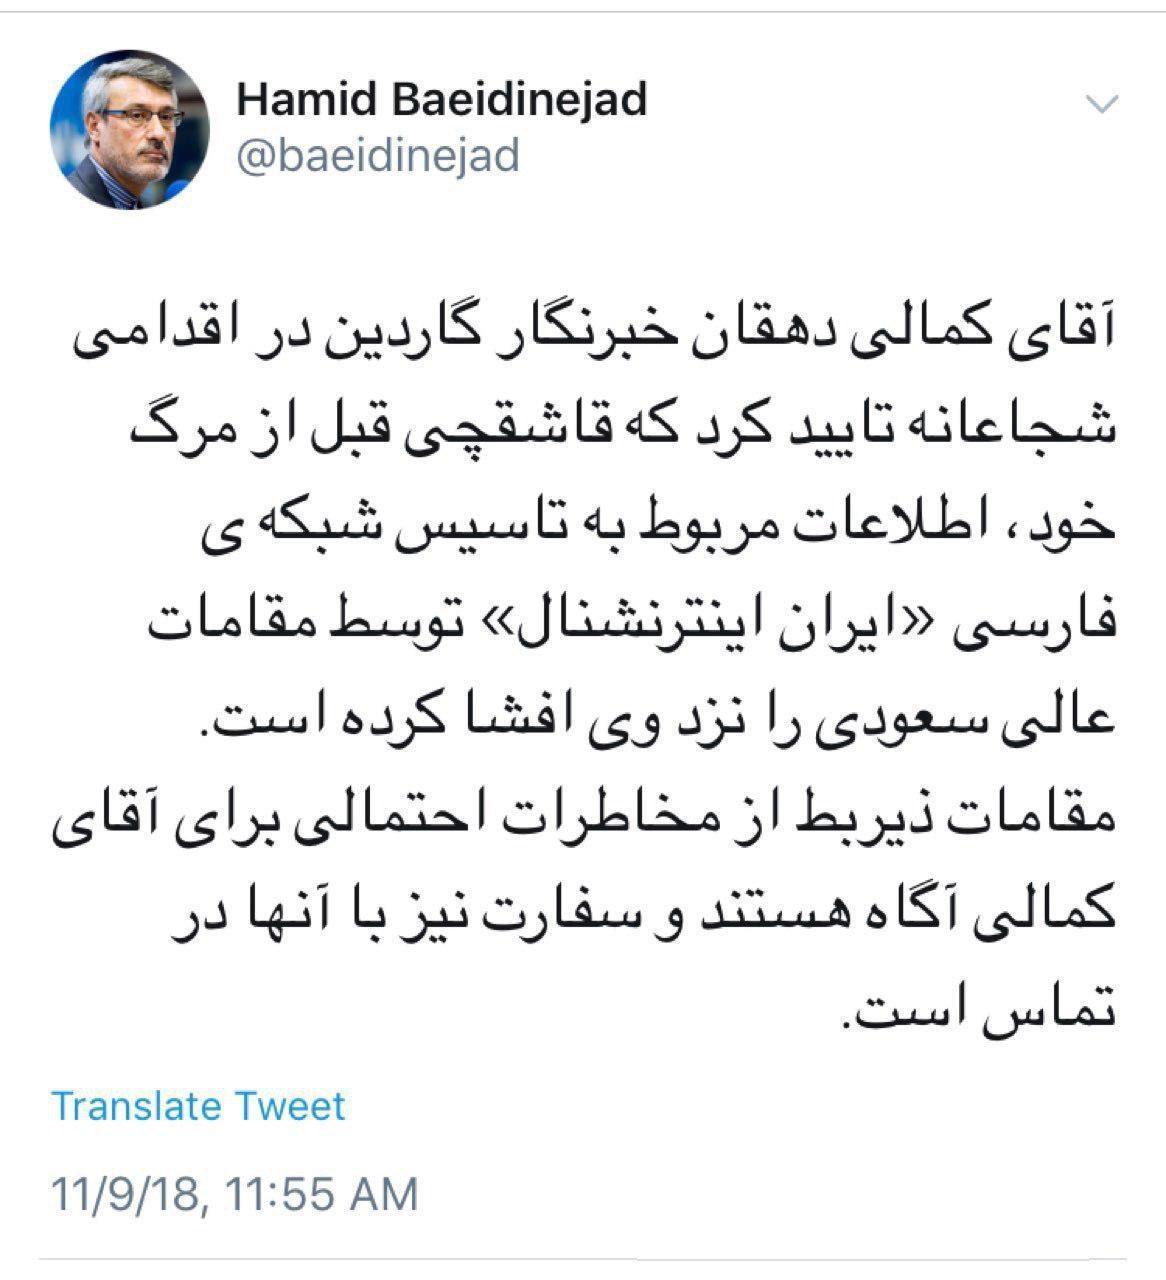 واکنش سفیر ایران در انگلیس به احتمال درخطر بودن جان خبرنگار ایرانی +عکس